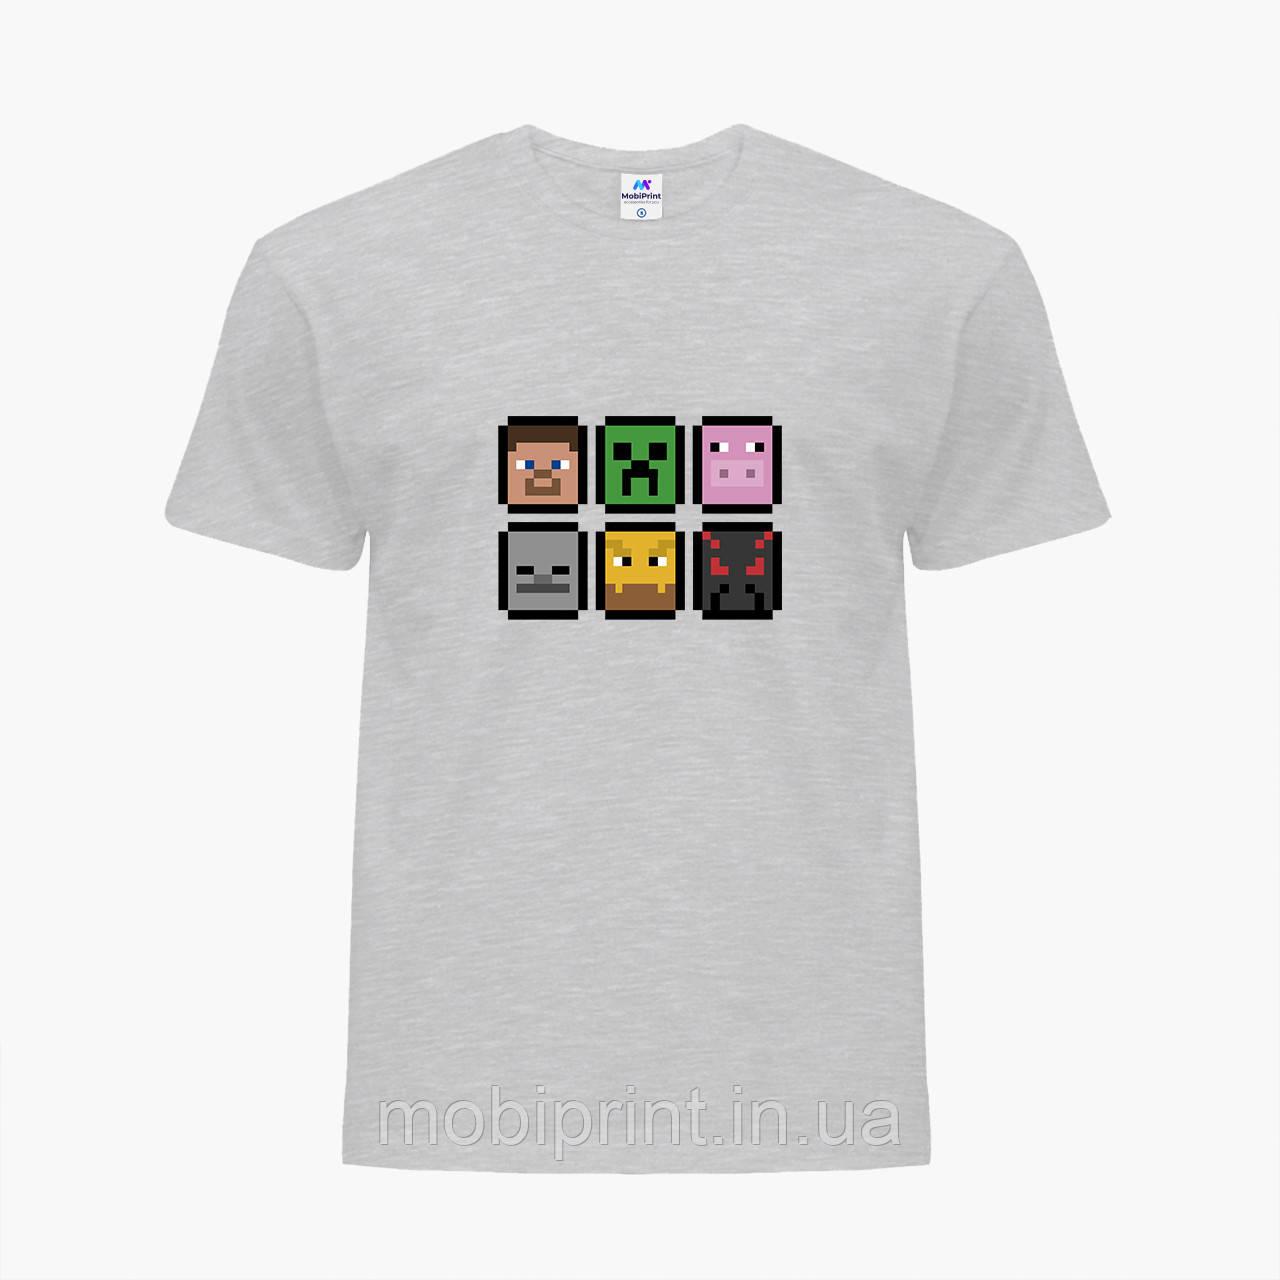 Детская футболка для мальчиков Майнкрафт (Minecraft) (25186-1173) Светло-серый